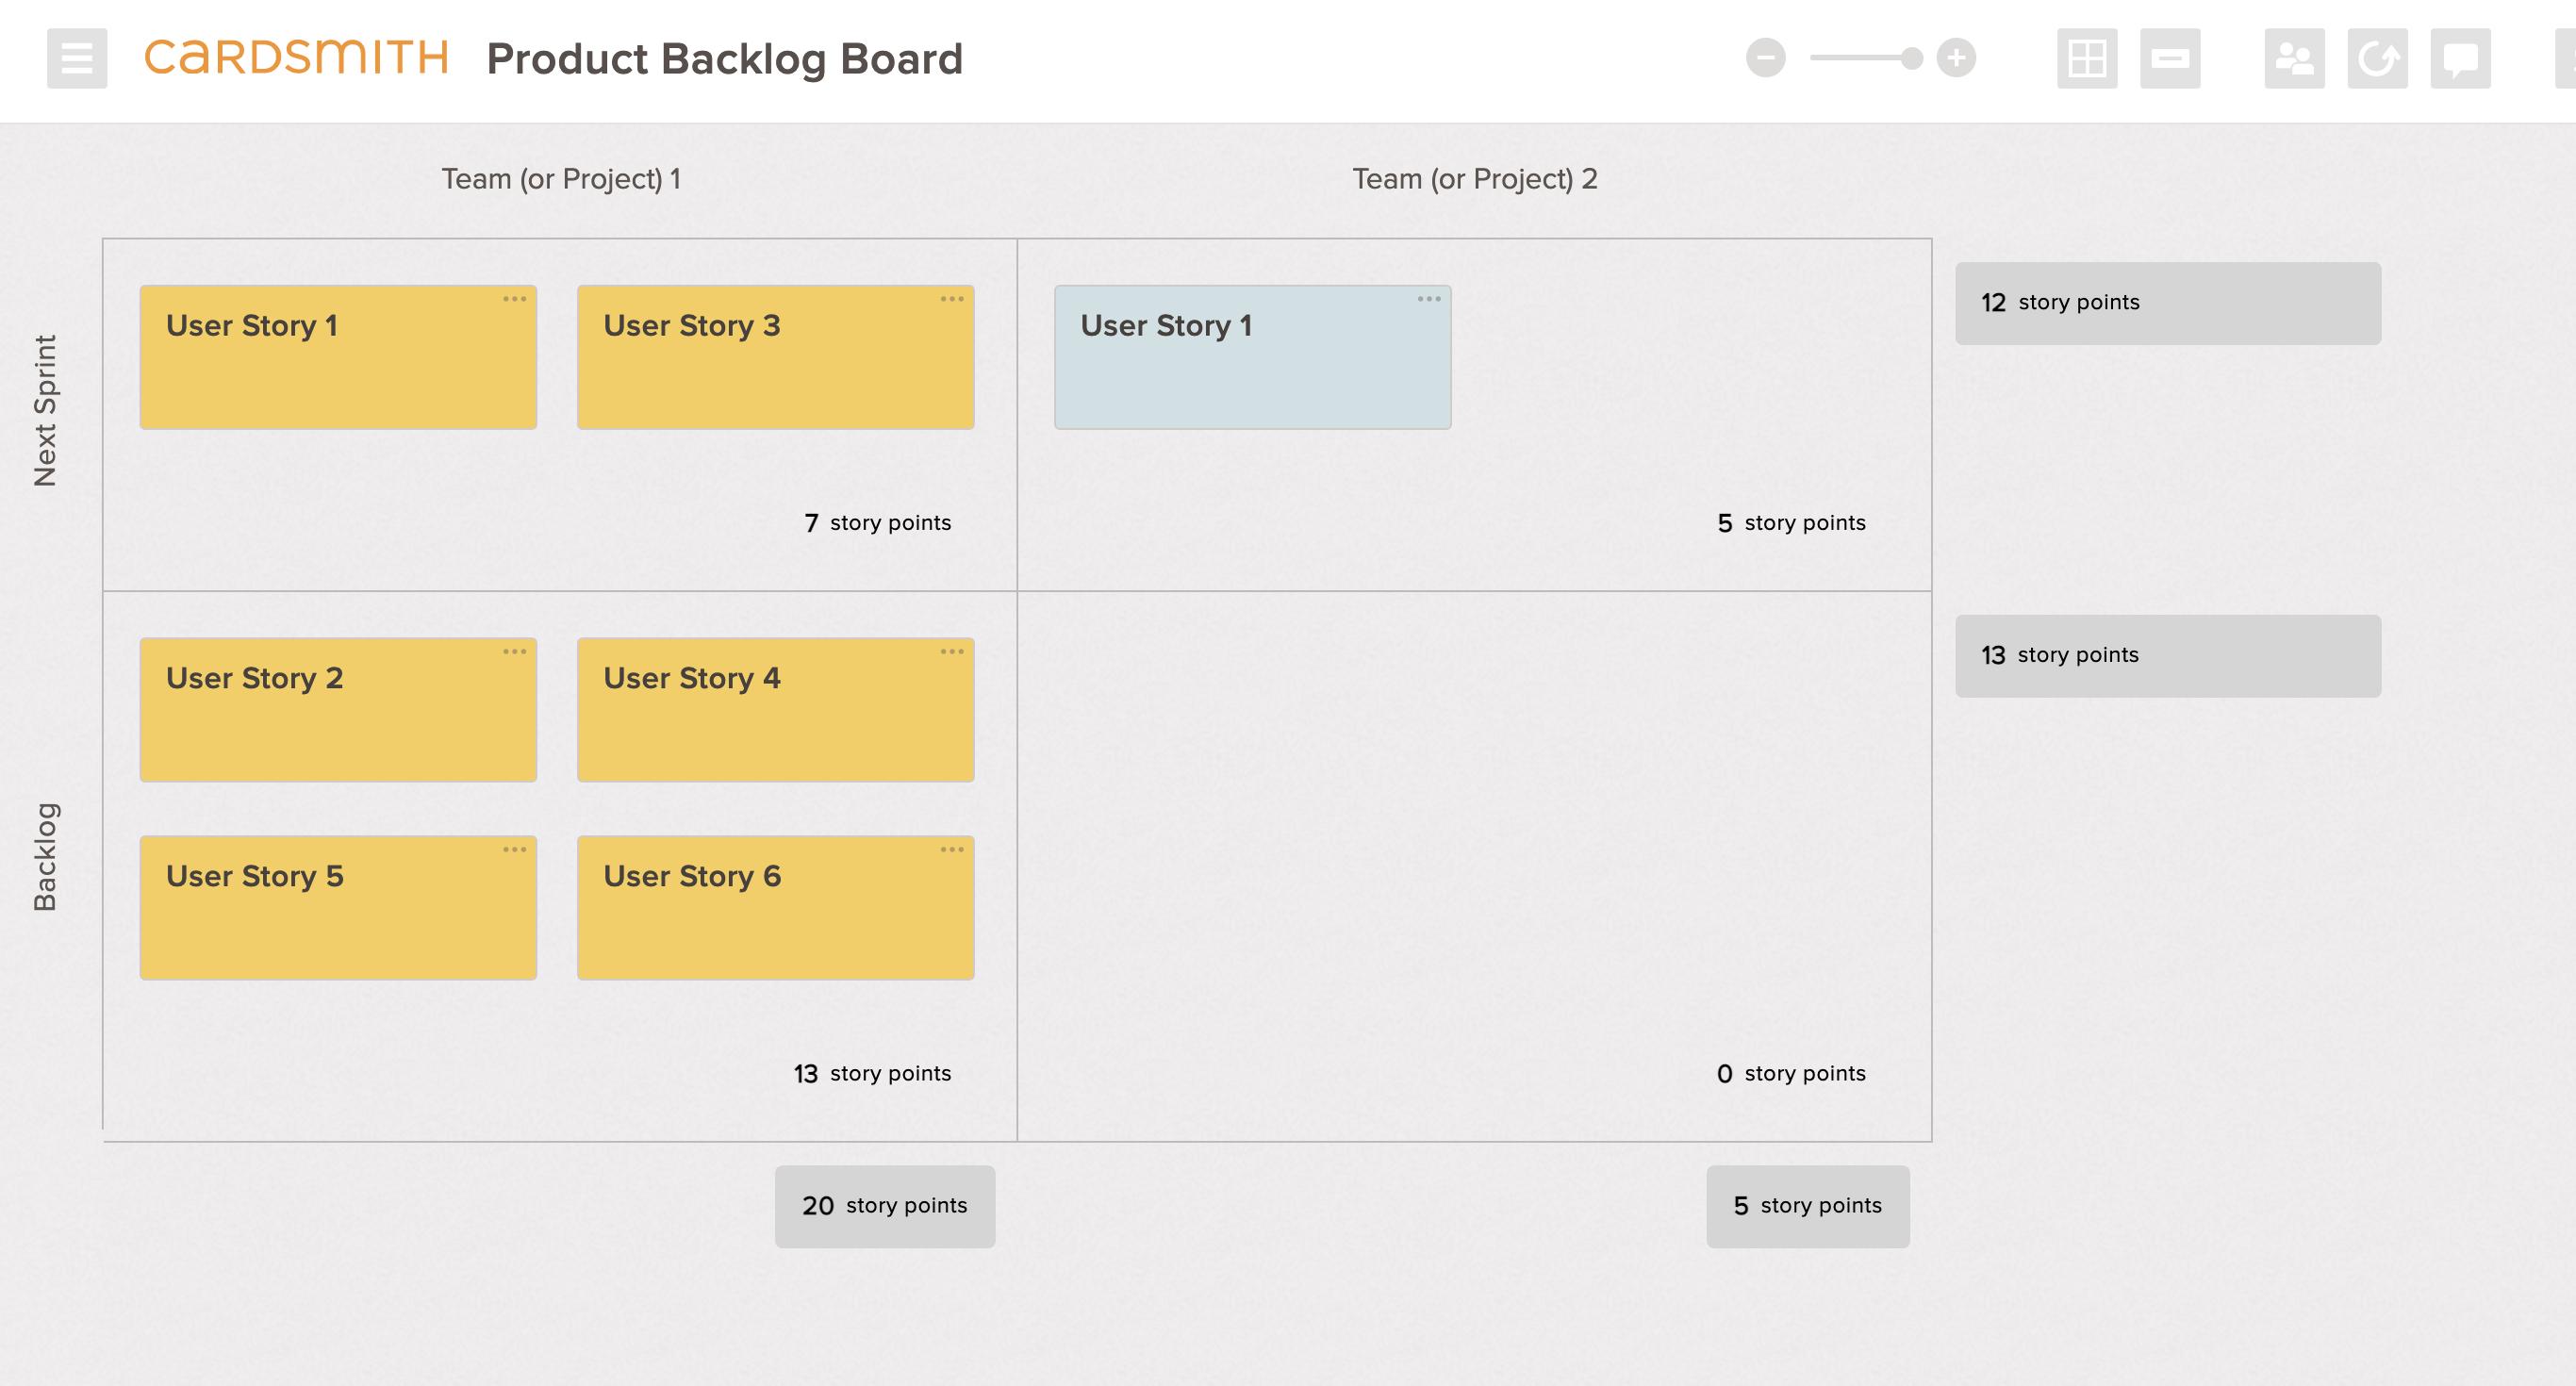 agile product backlog board template